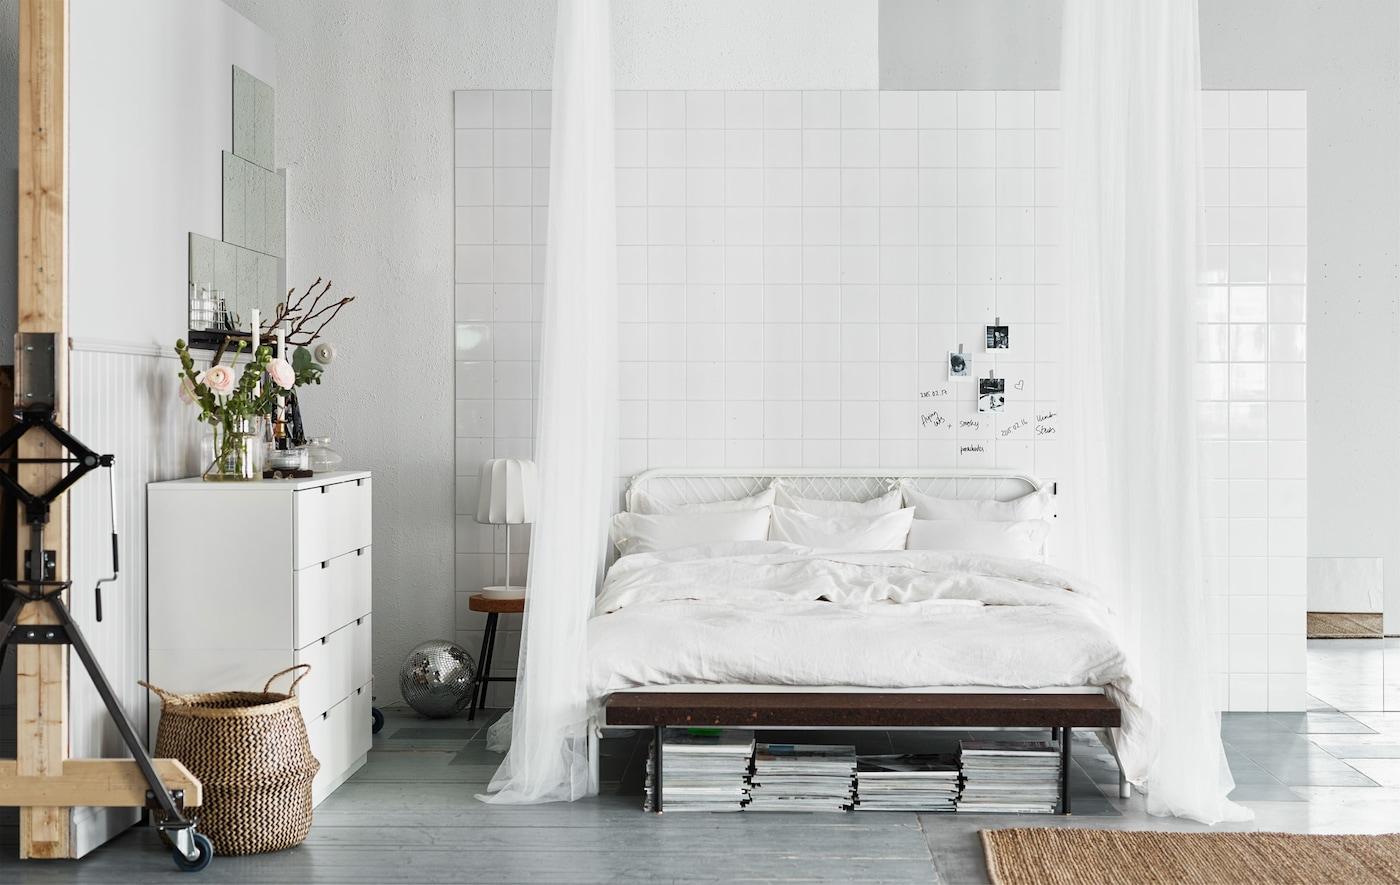 Ein weißes Bett vor einer weißen Fliesenwand mit weißen herabhängenden Stoffen in einem hellen Raum